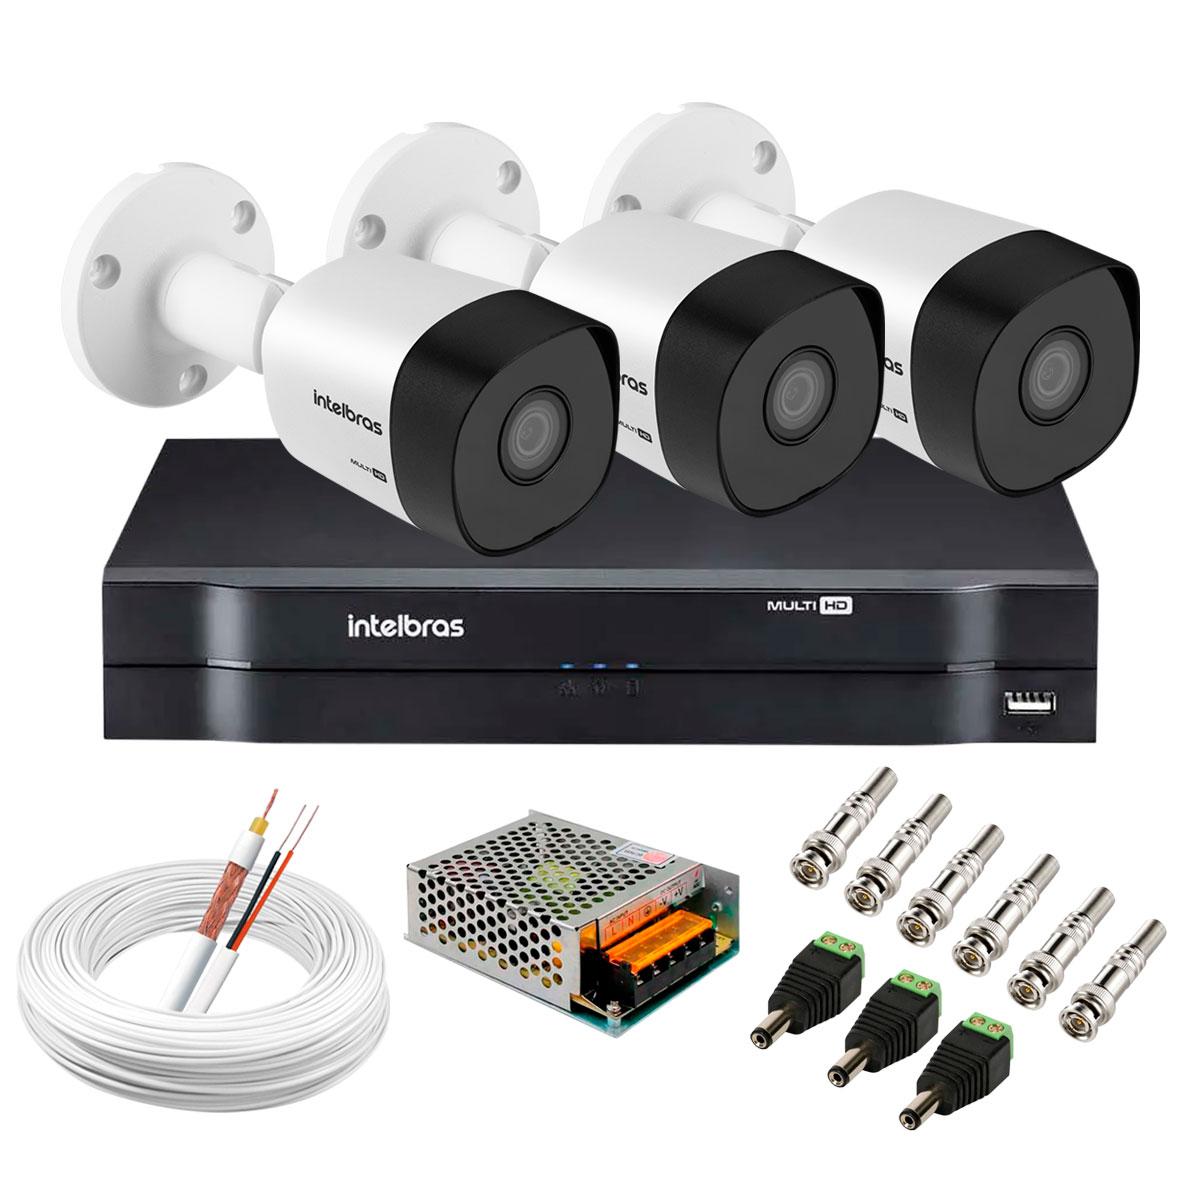 kit-3-cameras-vhd-3130-b-g5-dvr-intelbras-app-gratis-de-monitoramento-cameras-hd-720p-30m-infravermelho-de-visao-noturna-intelbras-fonte-cabos-e-acessorios